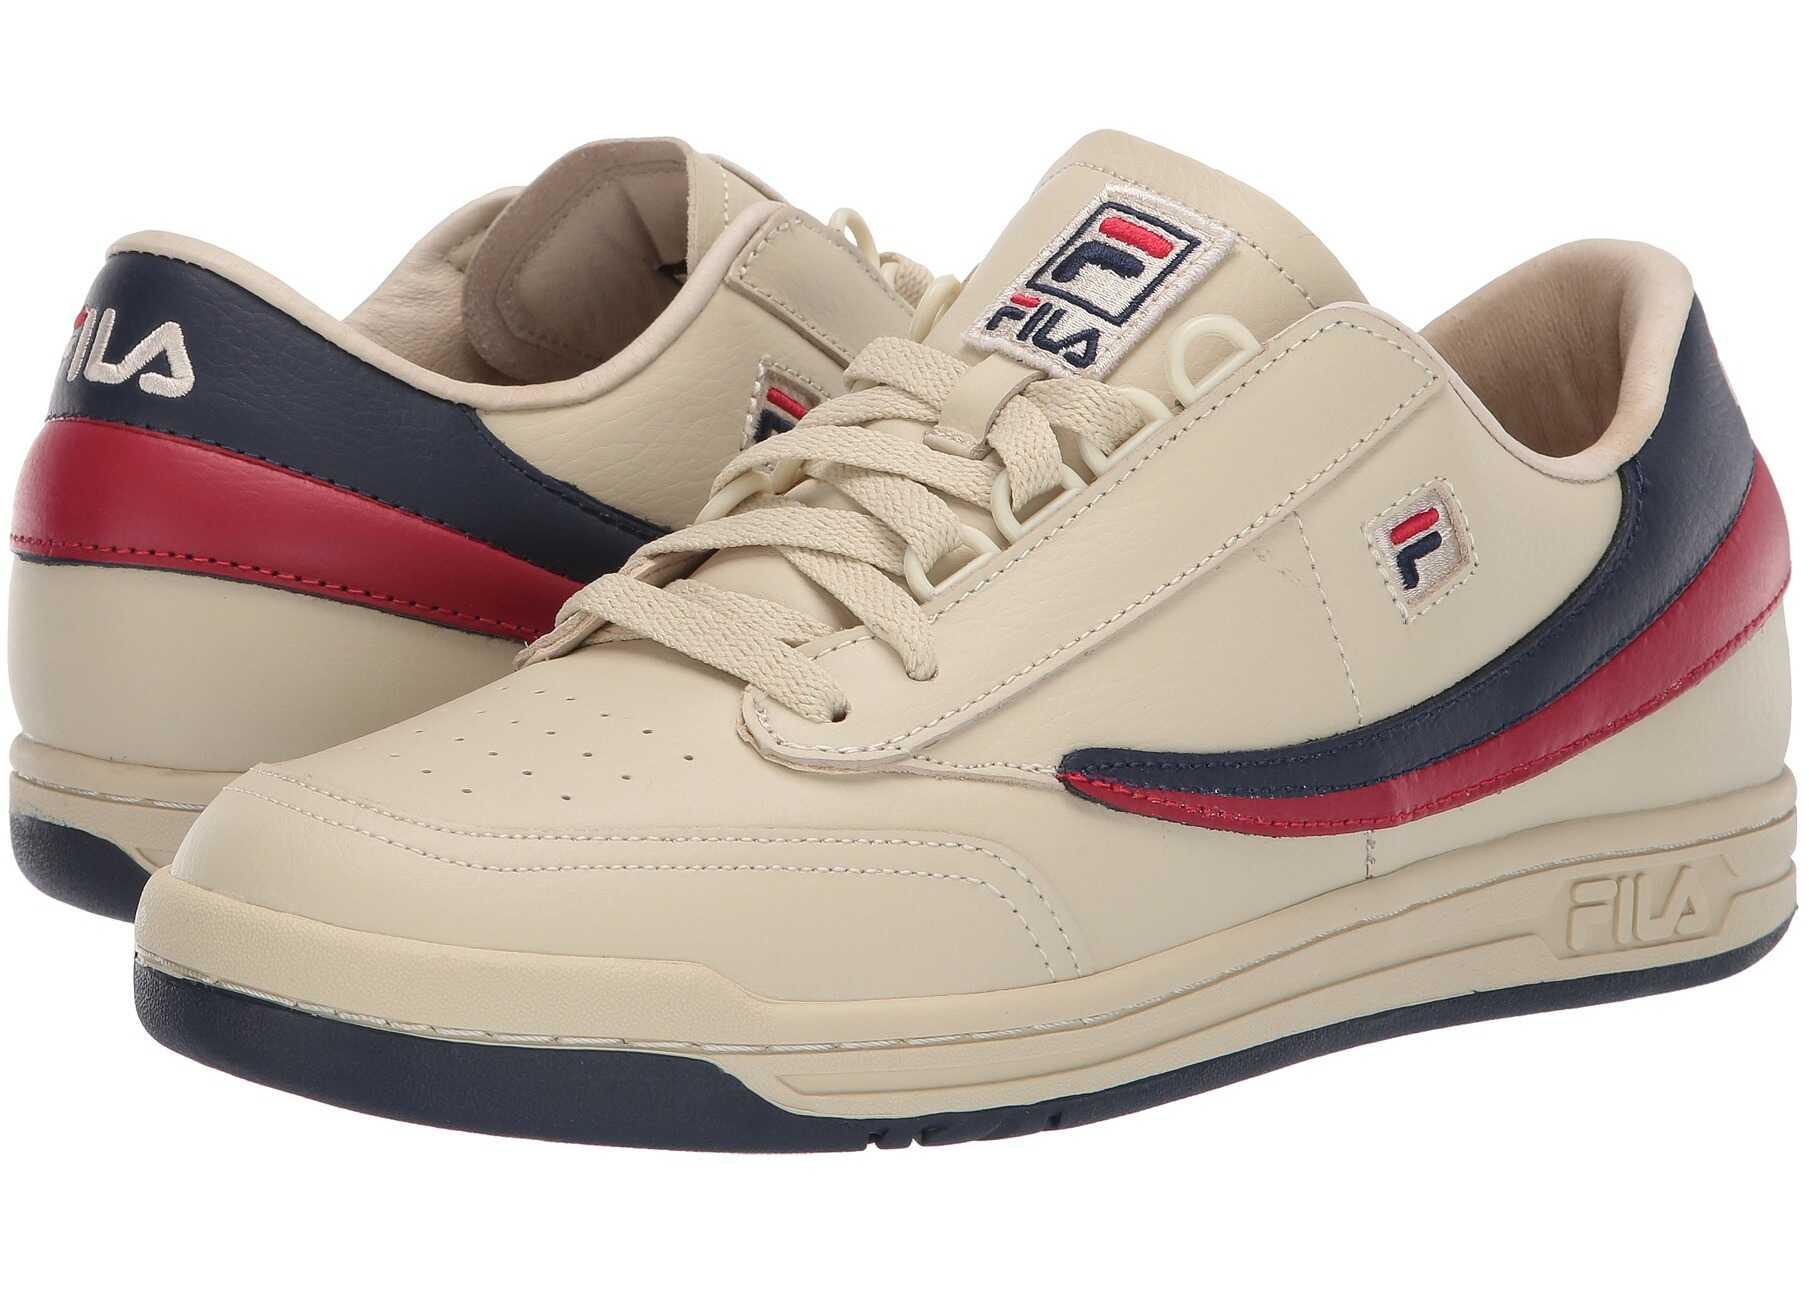 Fila Original Tennis Fila Cream/Fila Navy/Fila Red